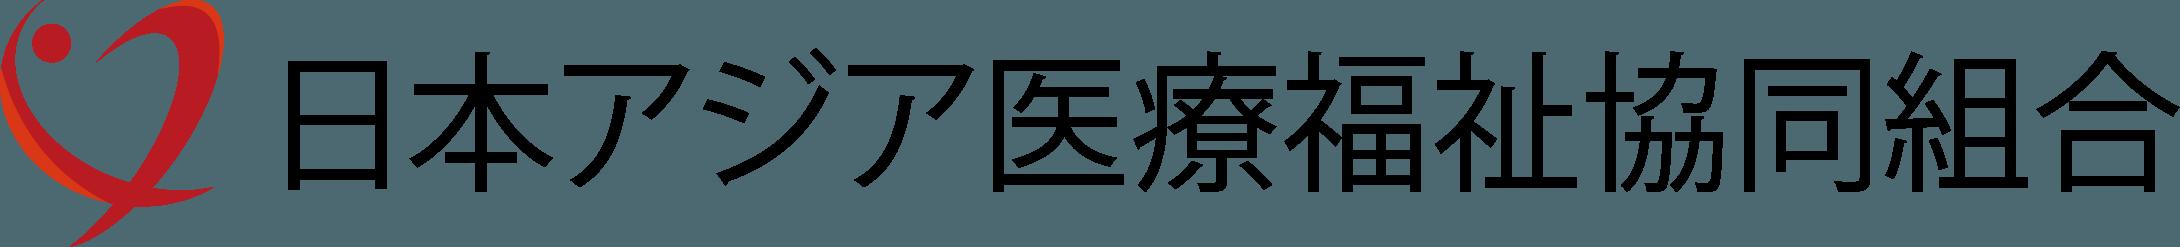 日本アジア医療福祉協同組合ロゴ